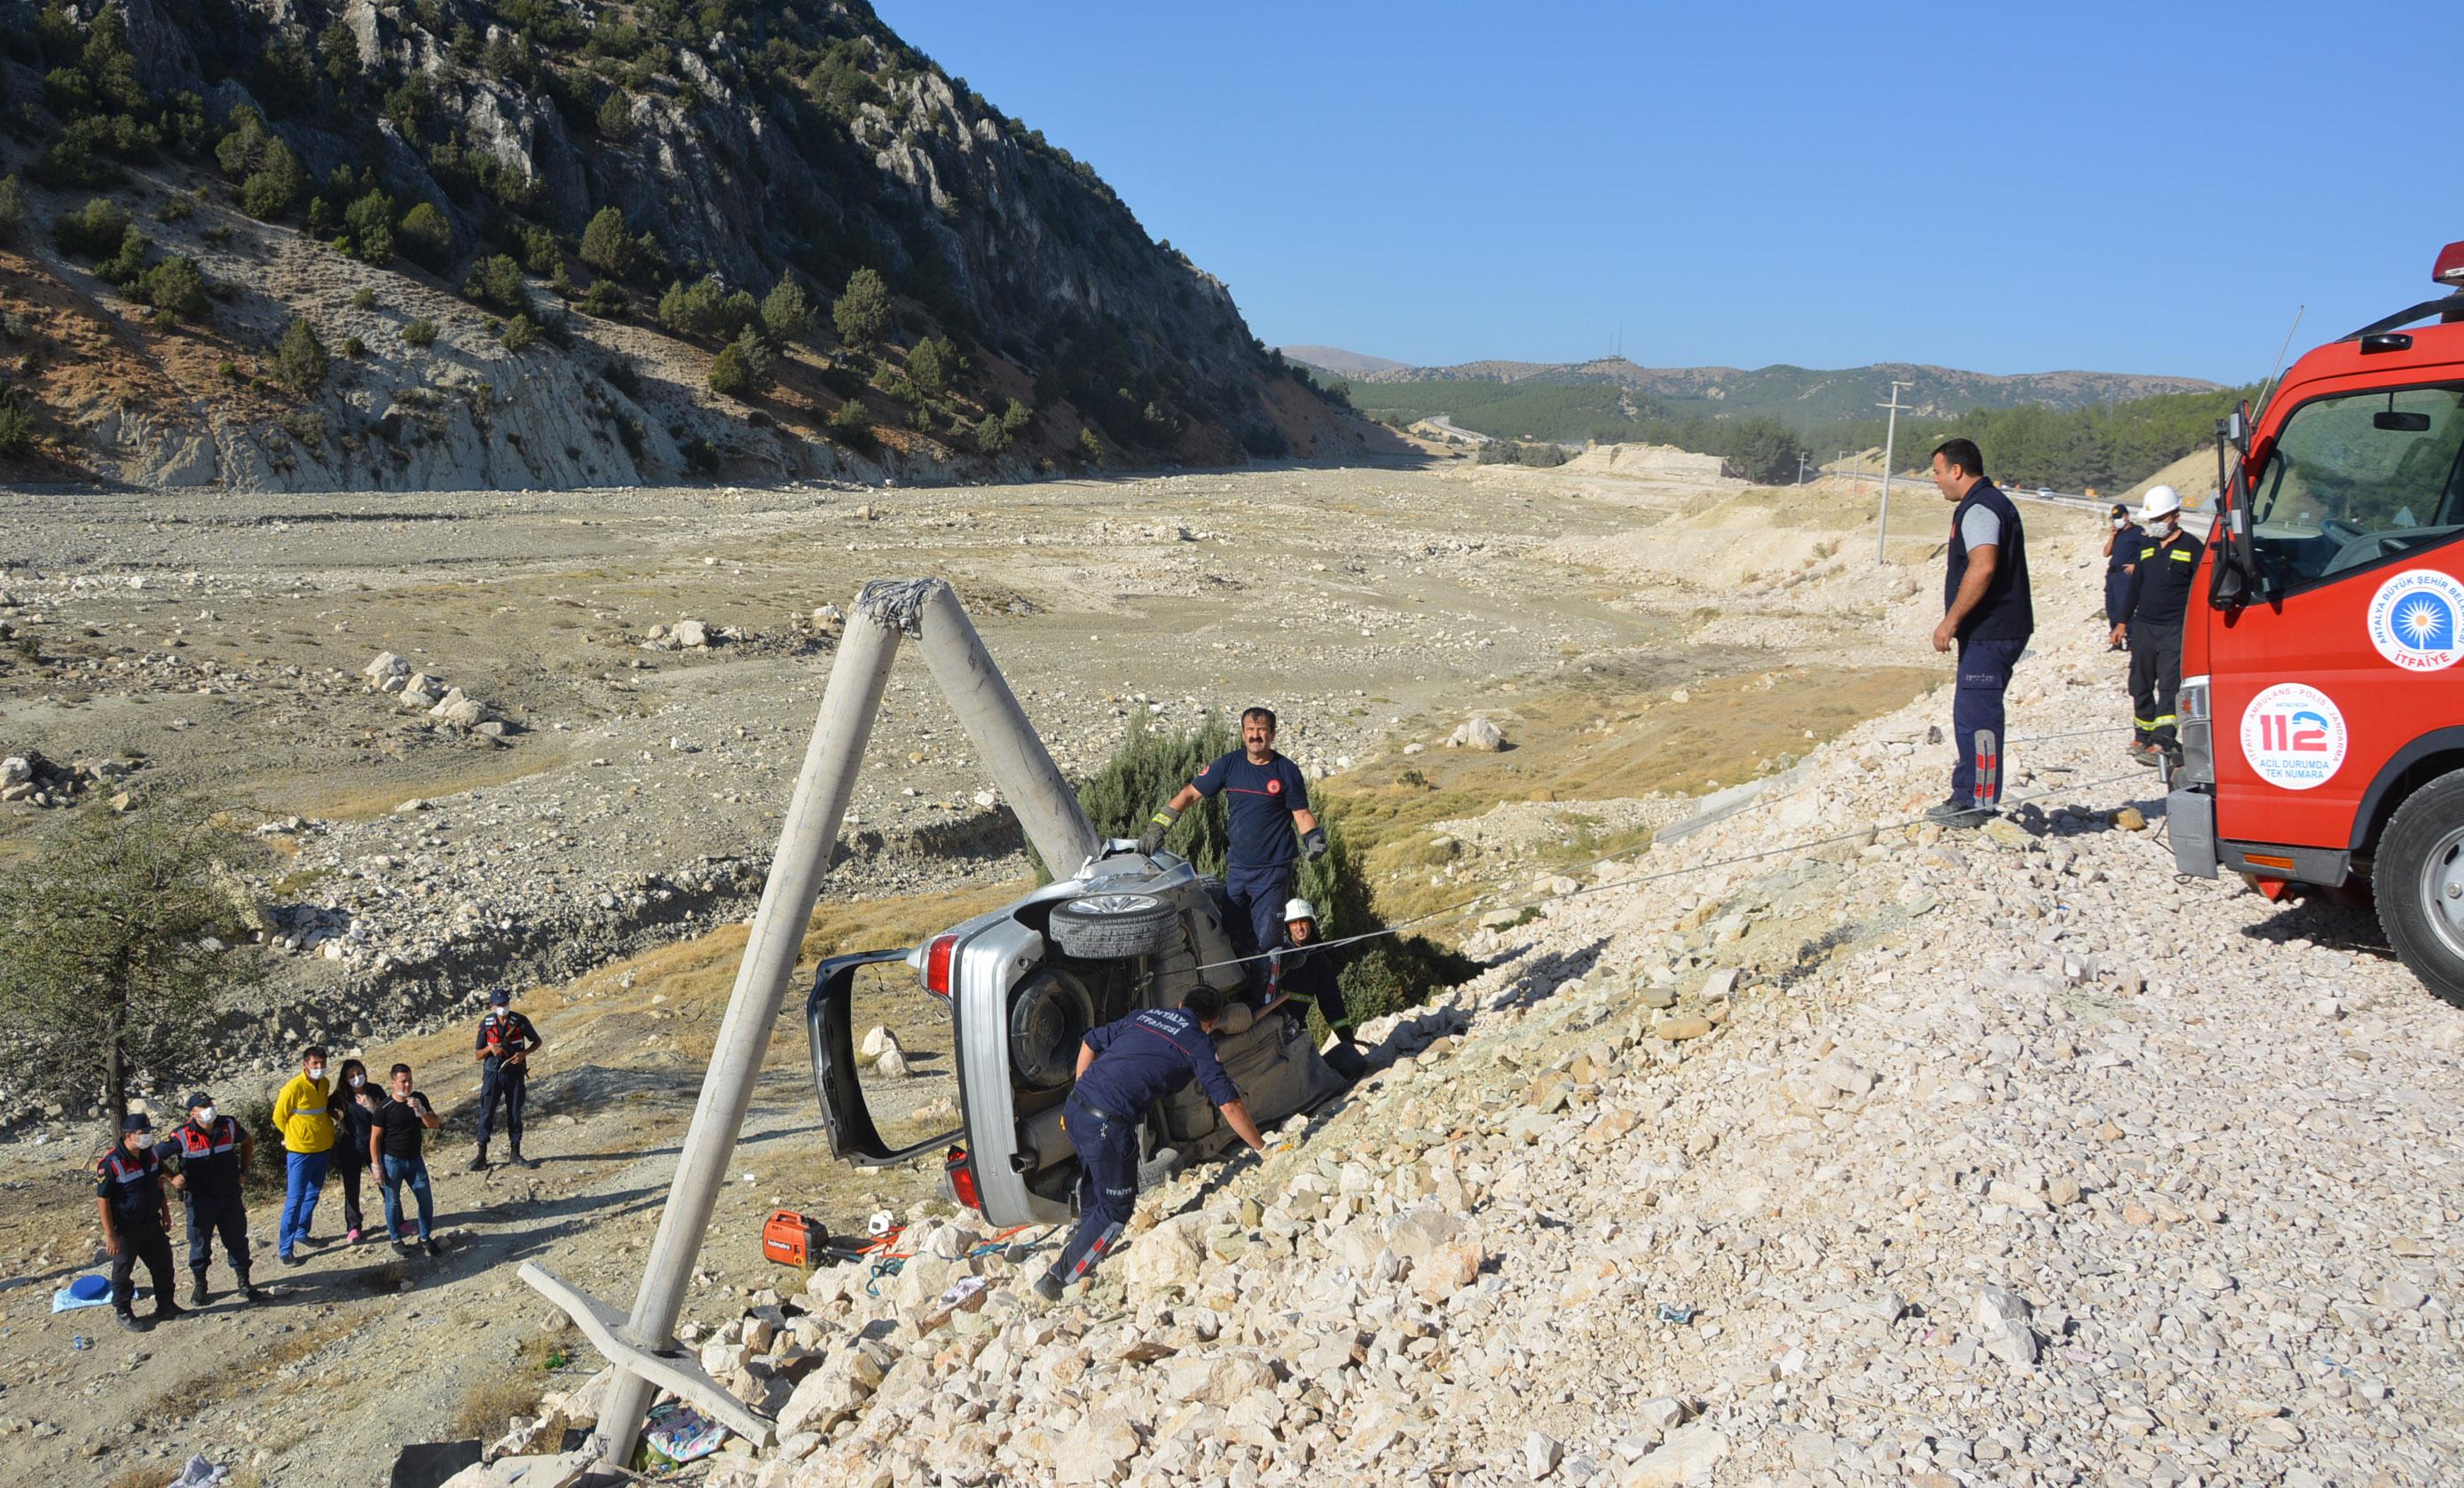 beton-direge-carpan-otomobildeki-kadin-oldu-oglu-ve-esi-yaralandi-8984-dhaphoto6.jpg